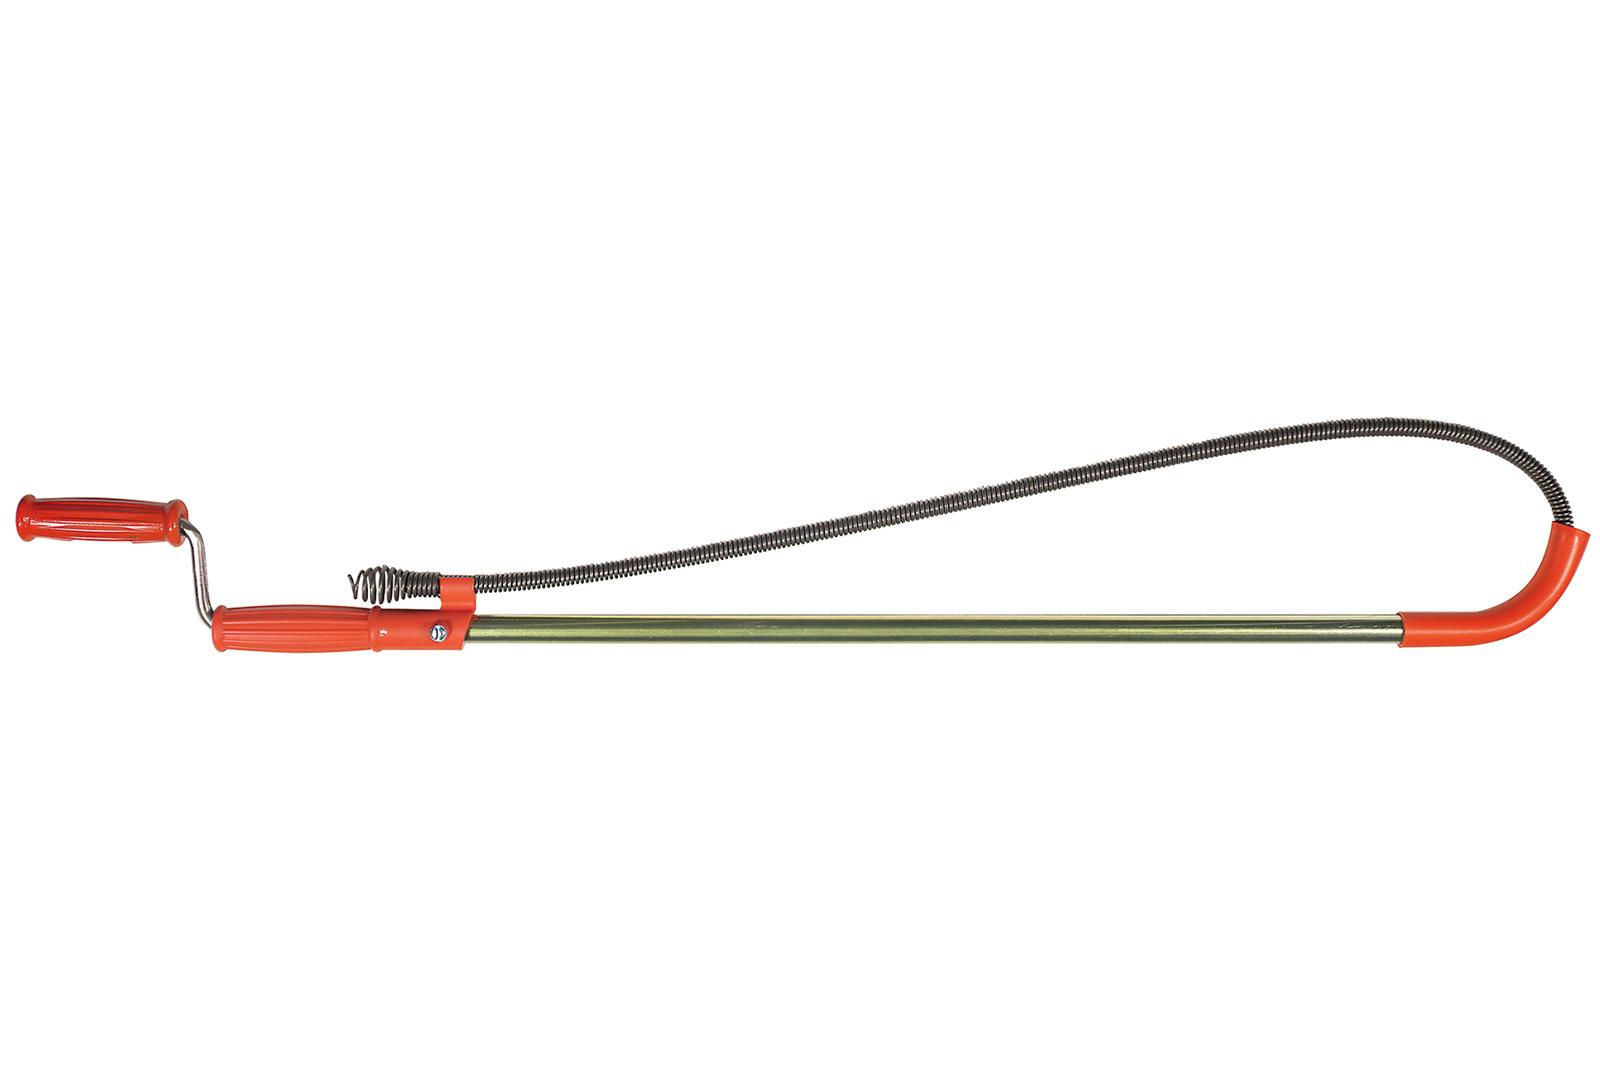 Трос для прочистки General pipe 3fl-dh